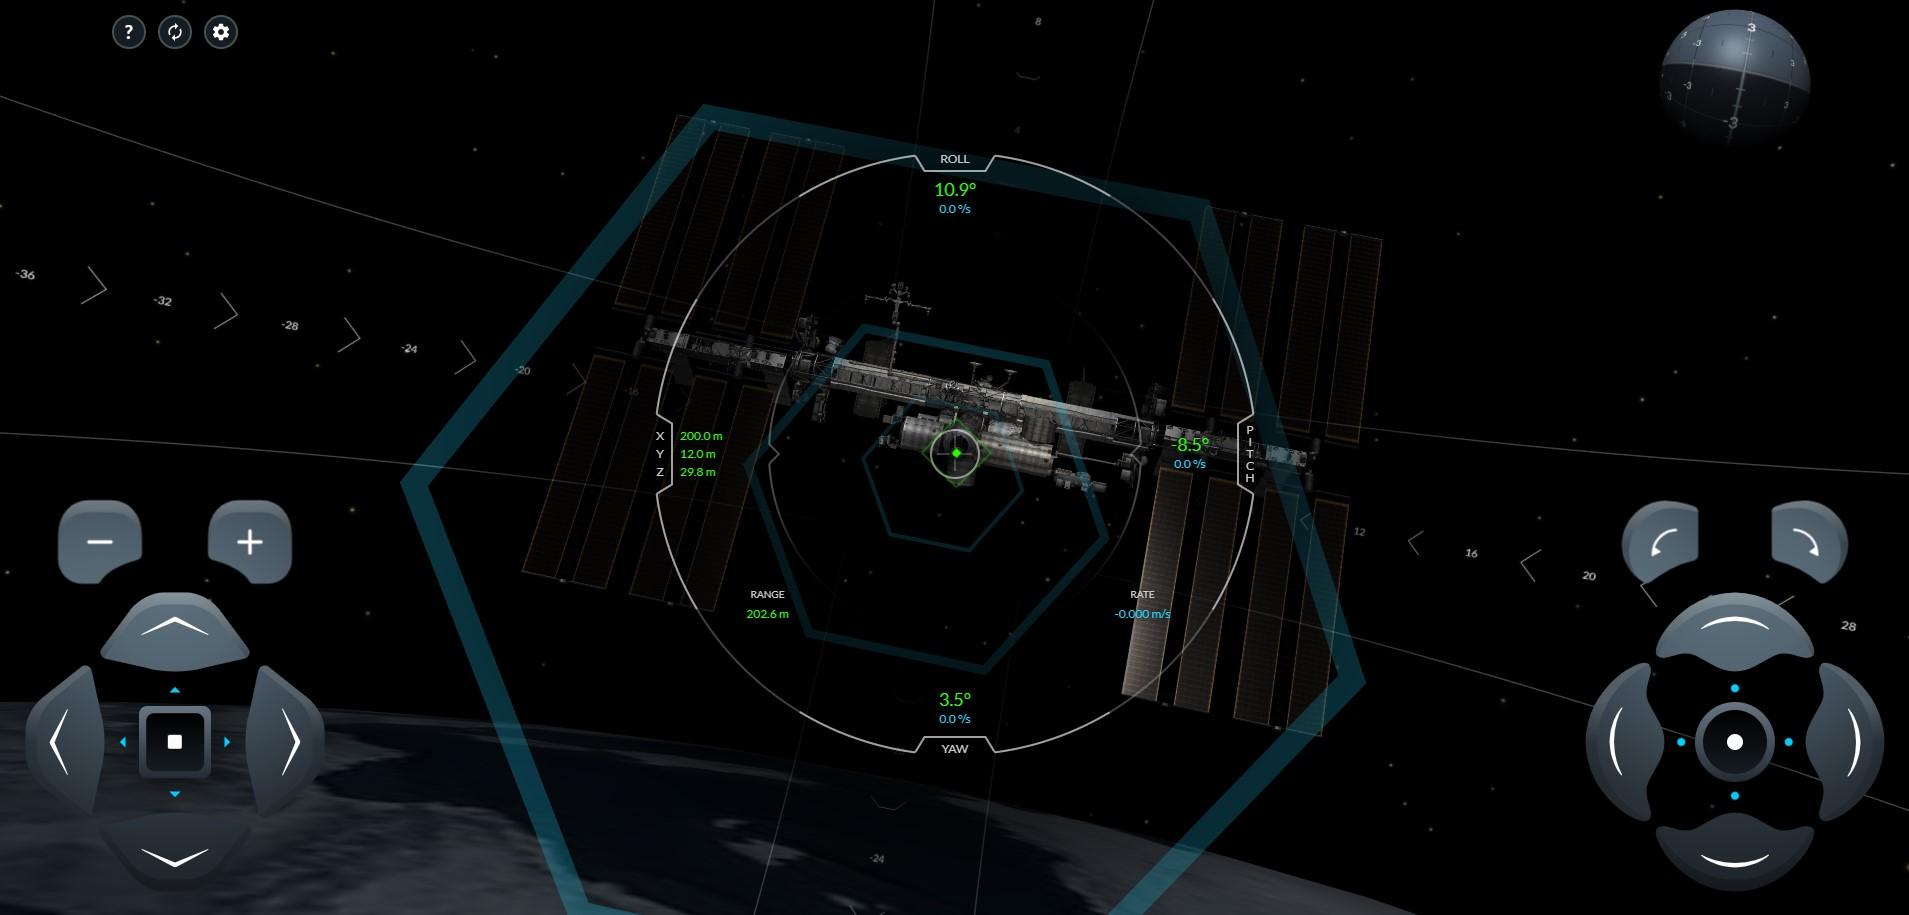 Bạn có thể kết nối thiết bị với Trạm vũ trụ quốc tế? Hãy thử trình giả lập từ SpaceX 1